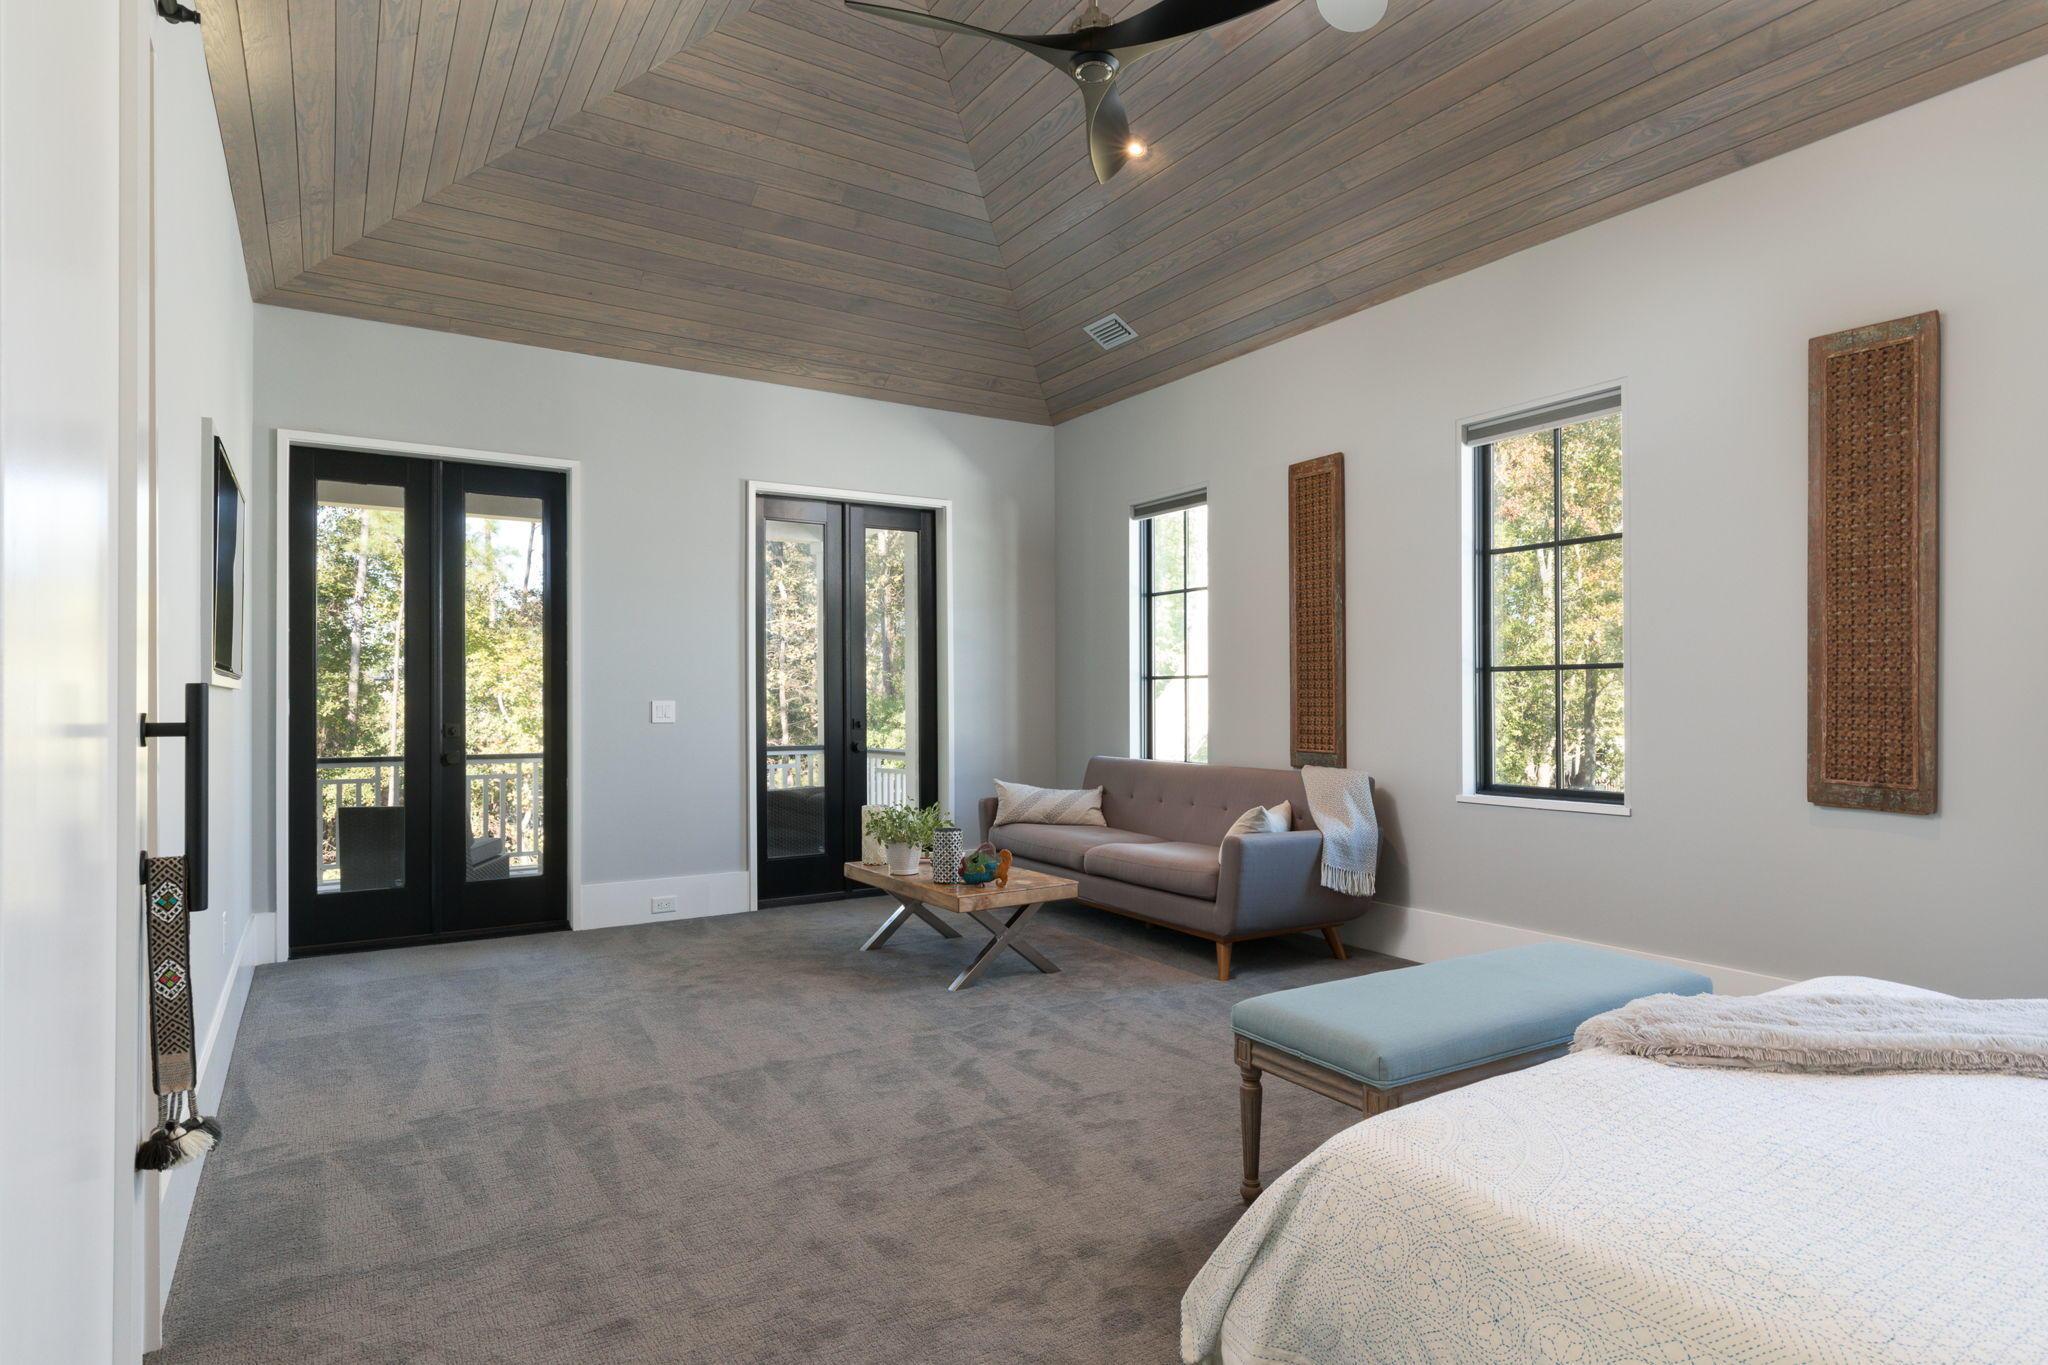 Belle Hall Homes For Sale - 341 Bridgetown Pass, Mount Pleasant, SC - 84